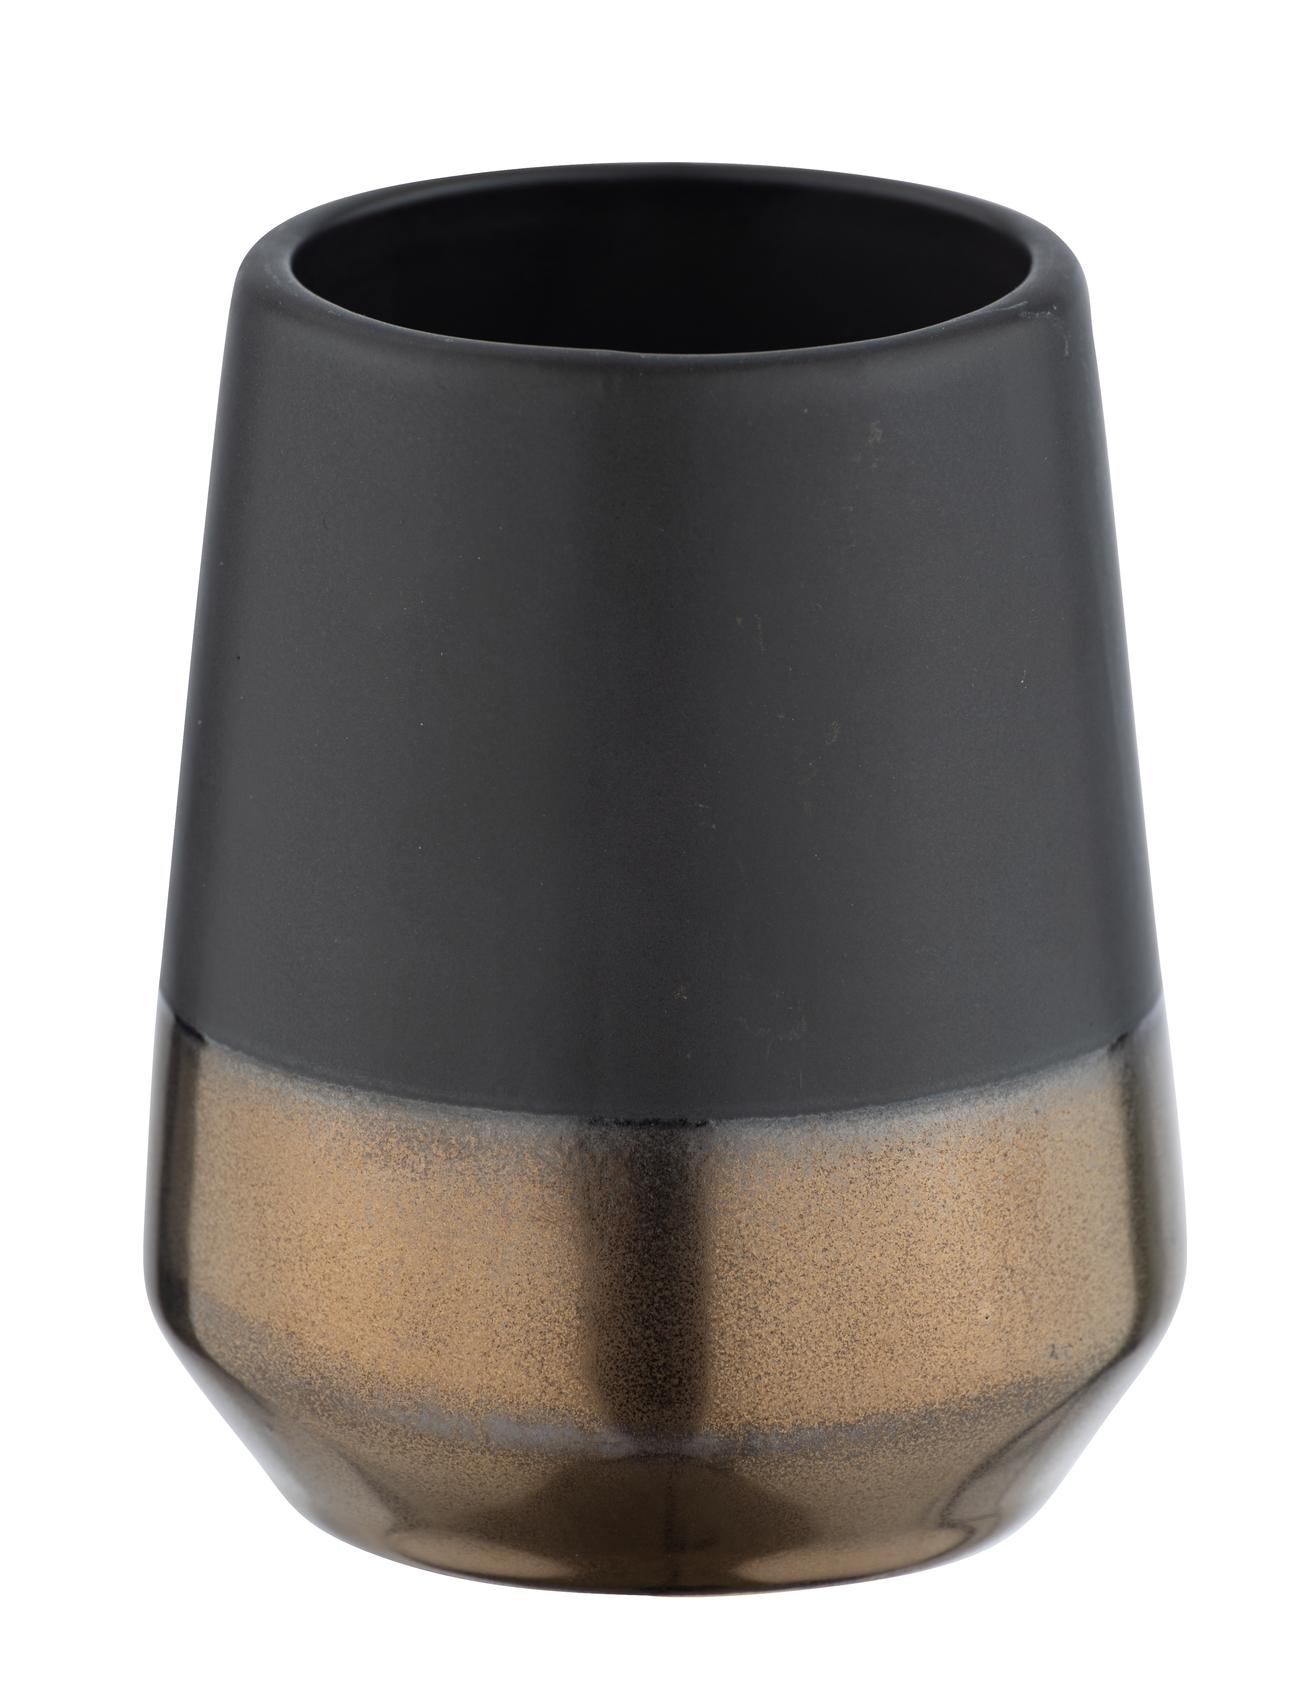 Pahar pentru periuta de dinti, din ceramica, Randol Negru, Ø8xH10 cm imagine